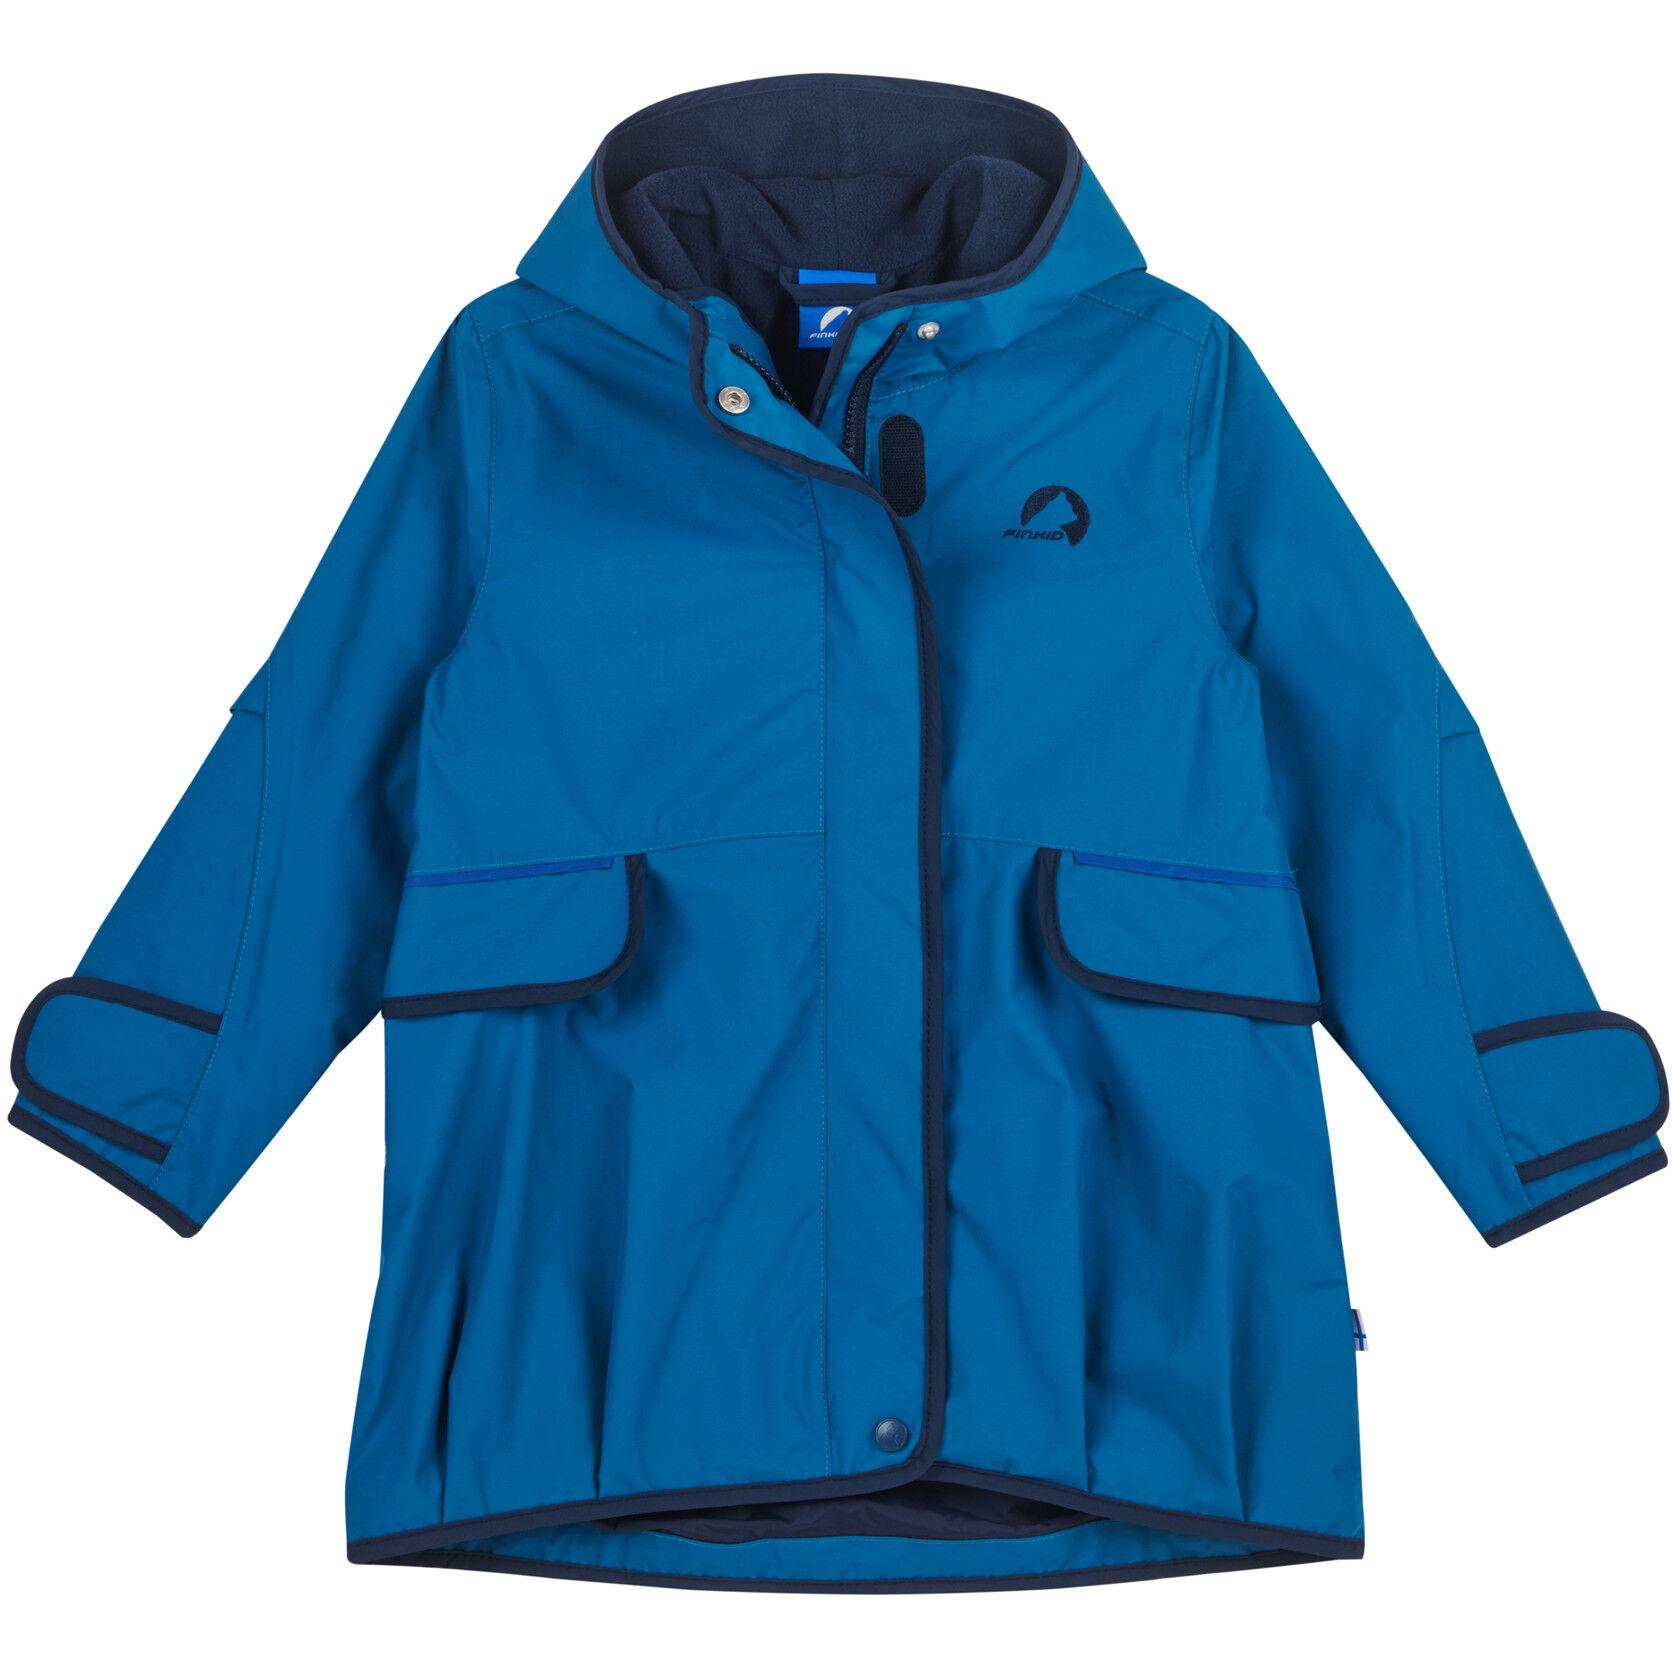 FINKID TALVI WINTERJACKE Fleece Gr. 100 110 neu EUR 119